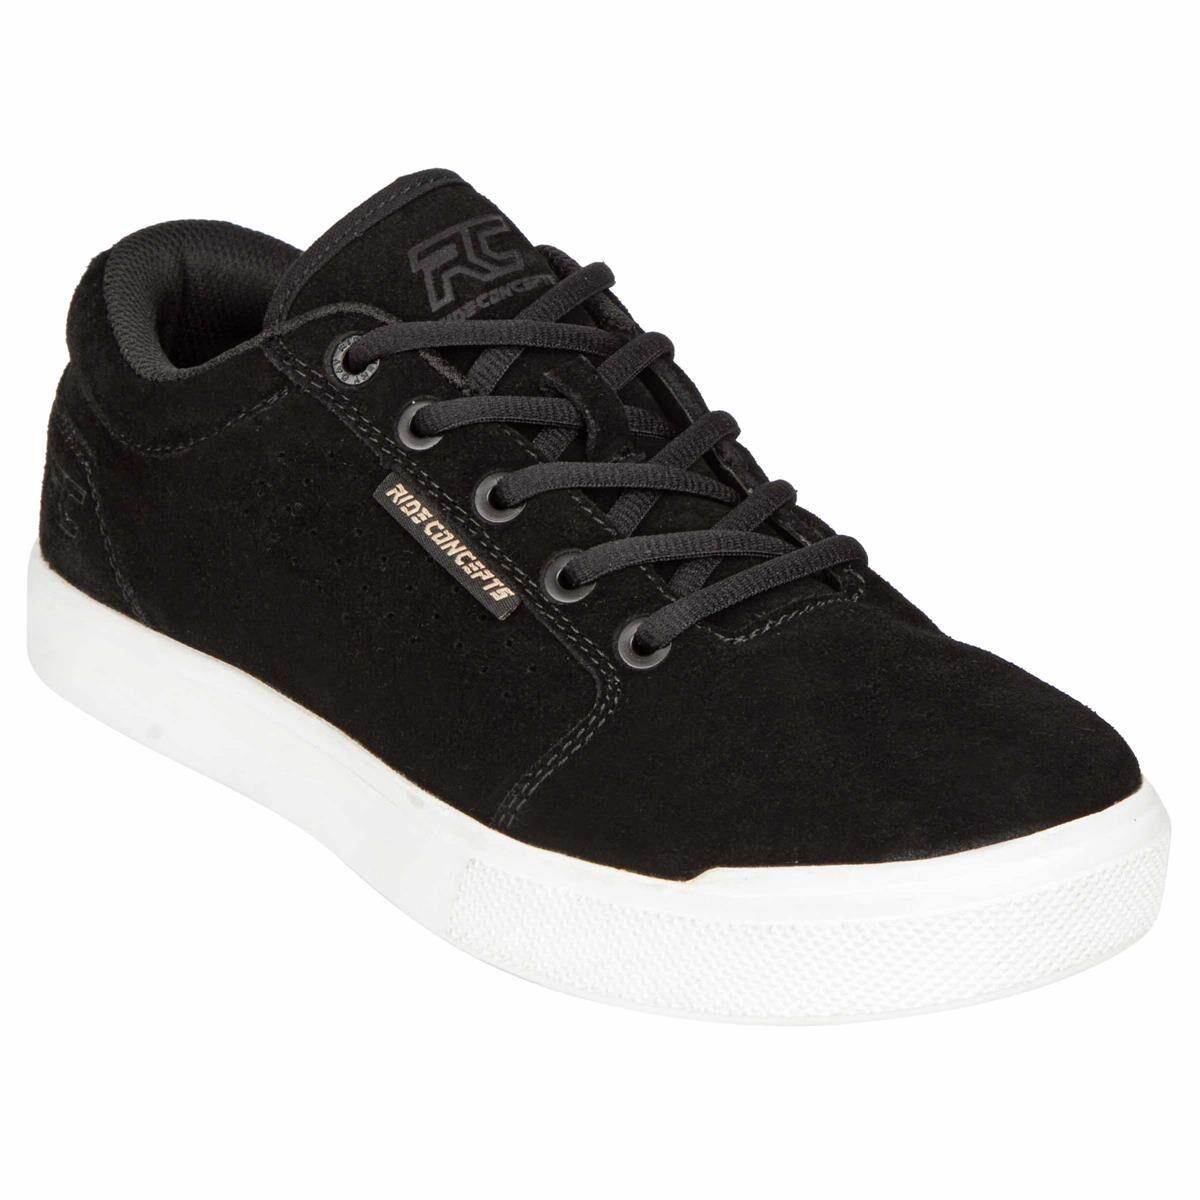 ride concepts donna scarpe mtb vice